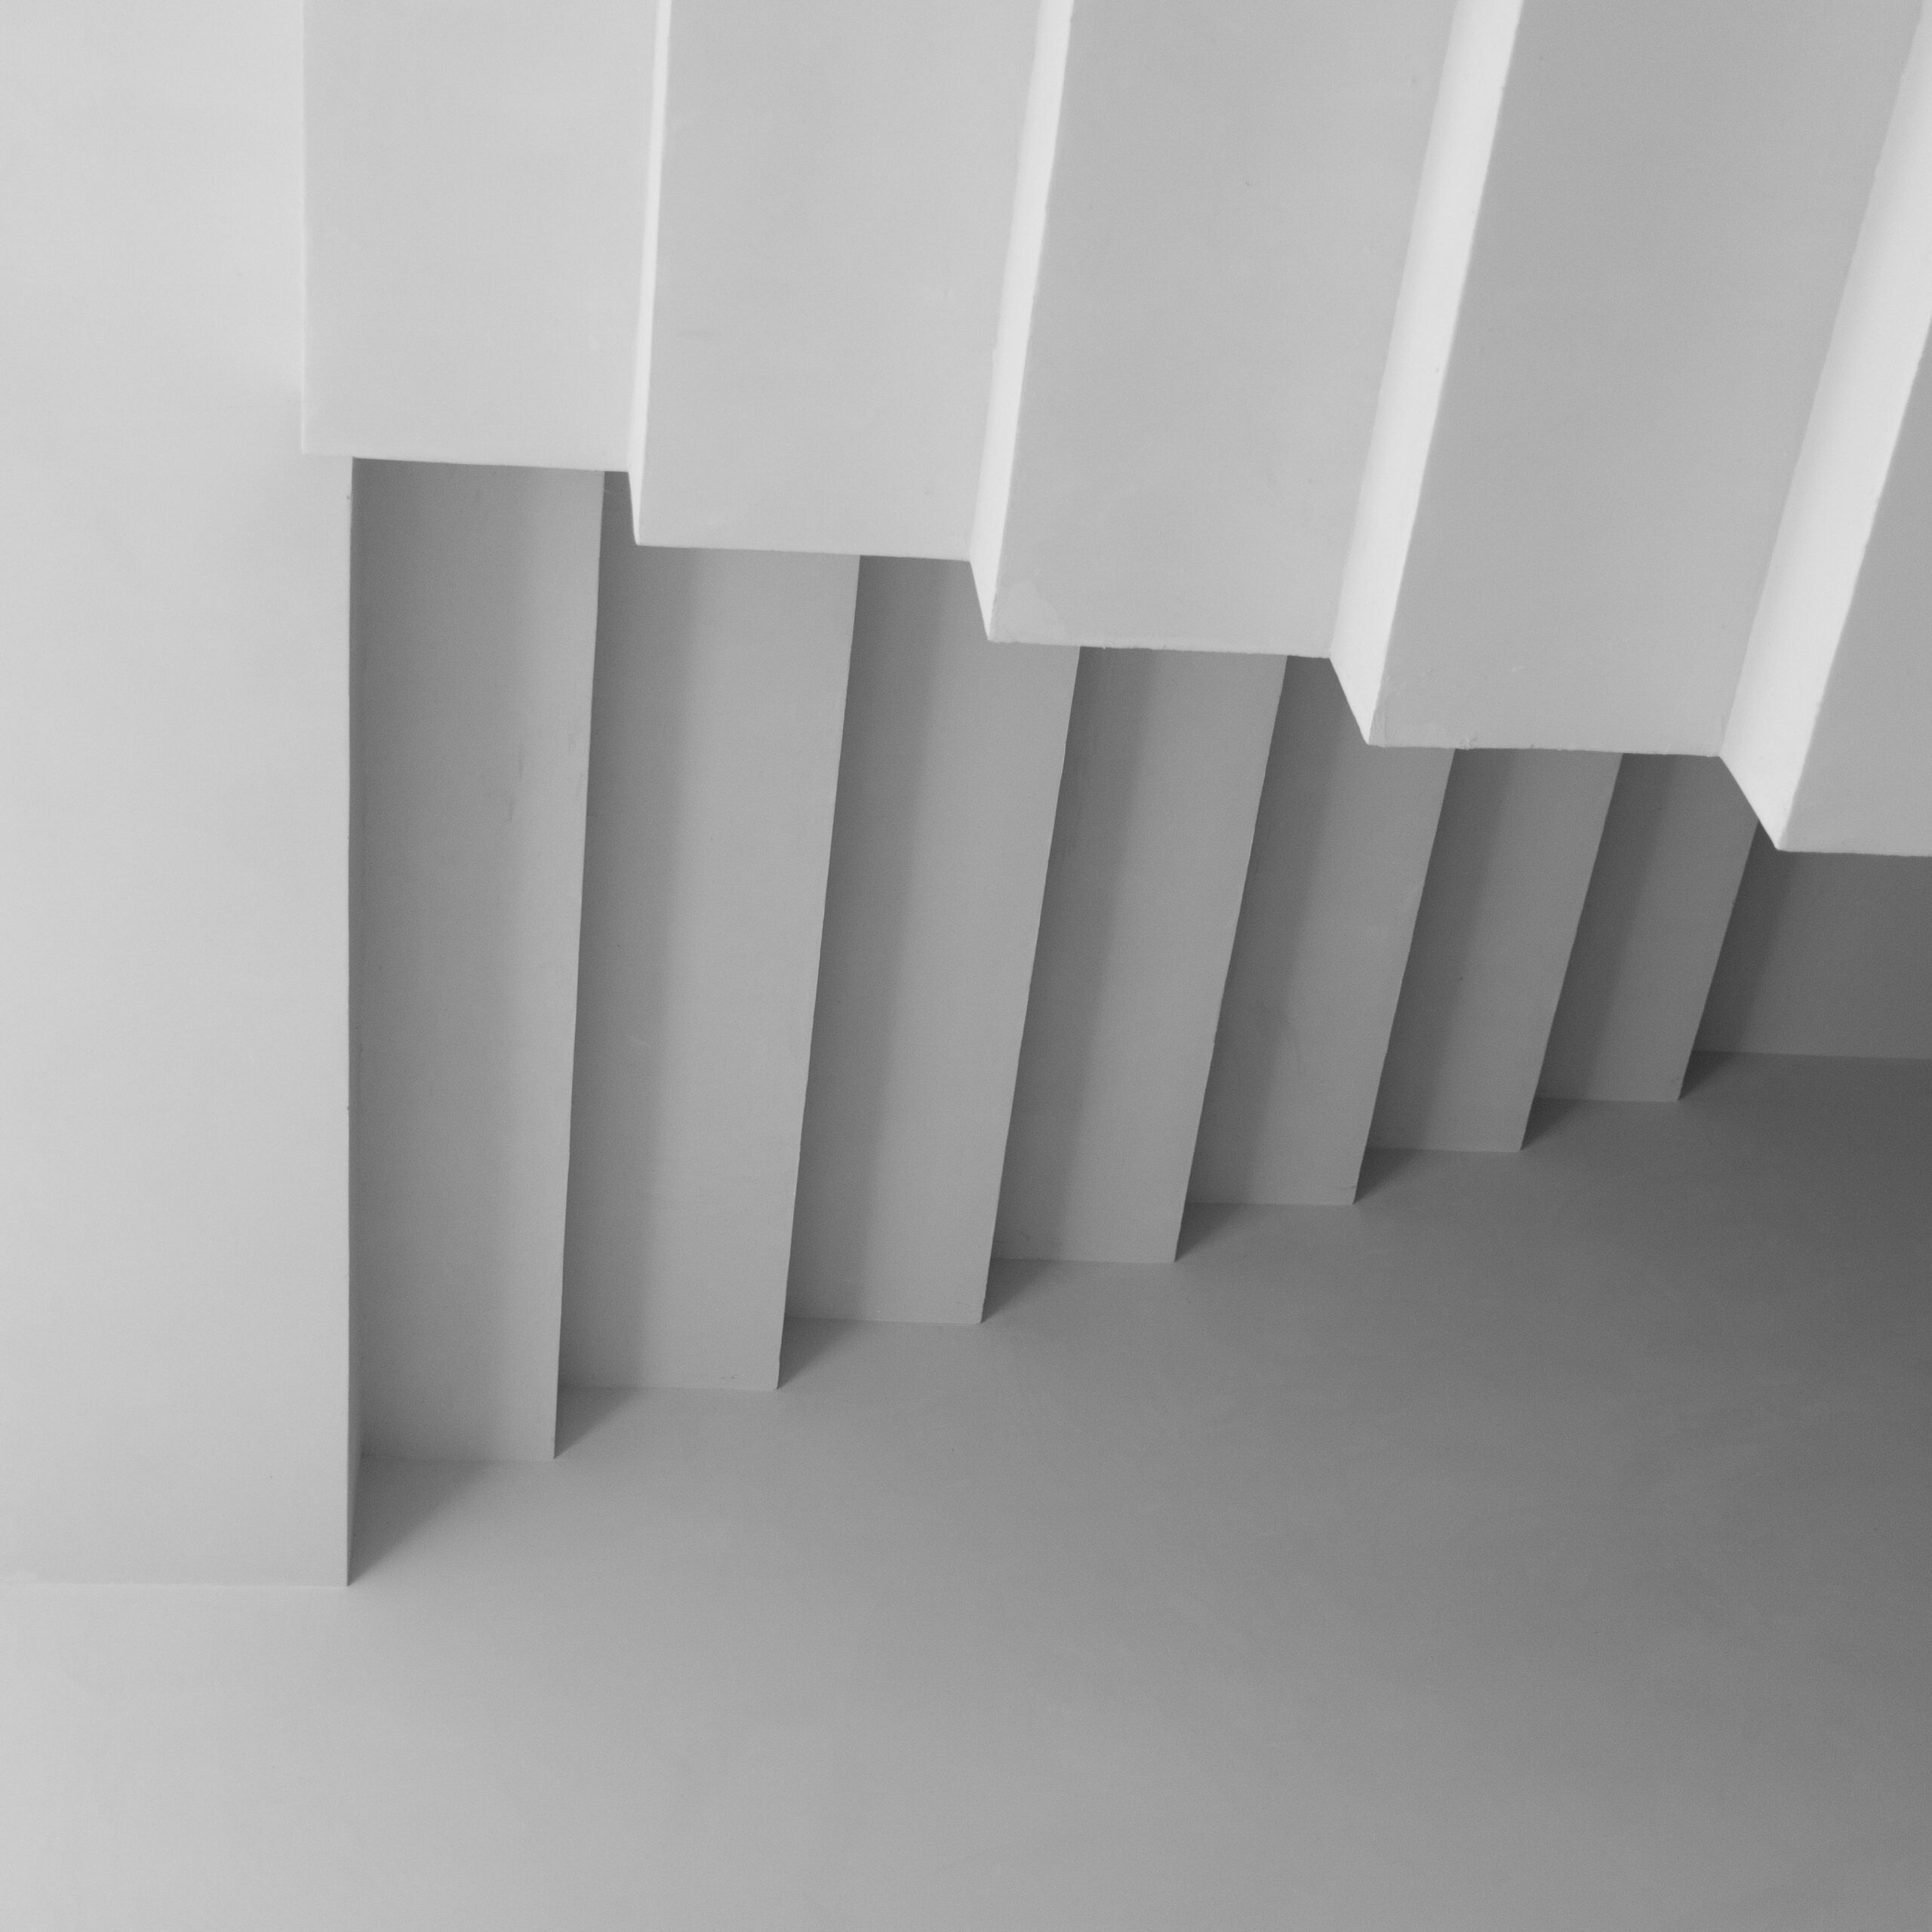 ©Aurélie Marcellak | Les escaliers de la Villa cavrois